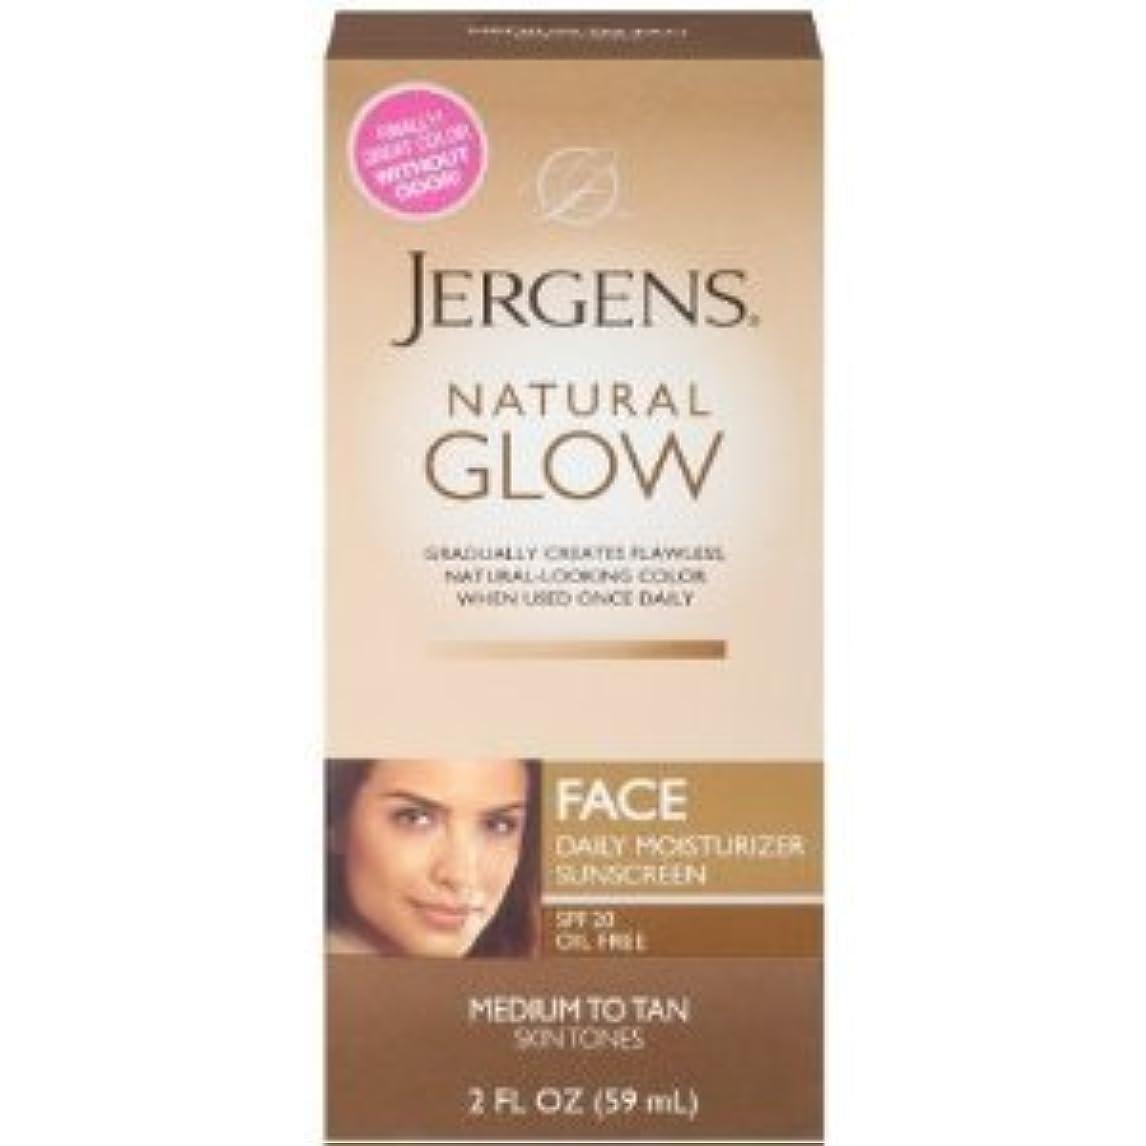 検体早く買収Natural Glow Healthy Complexion Daily Facial Moisturizer, SPF 20, Medium to Tan, (59ml) (海外直送品)